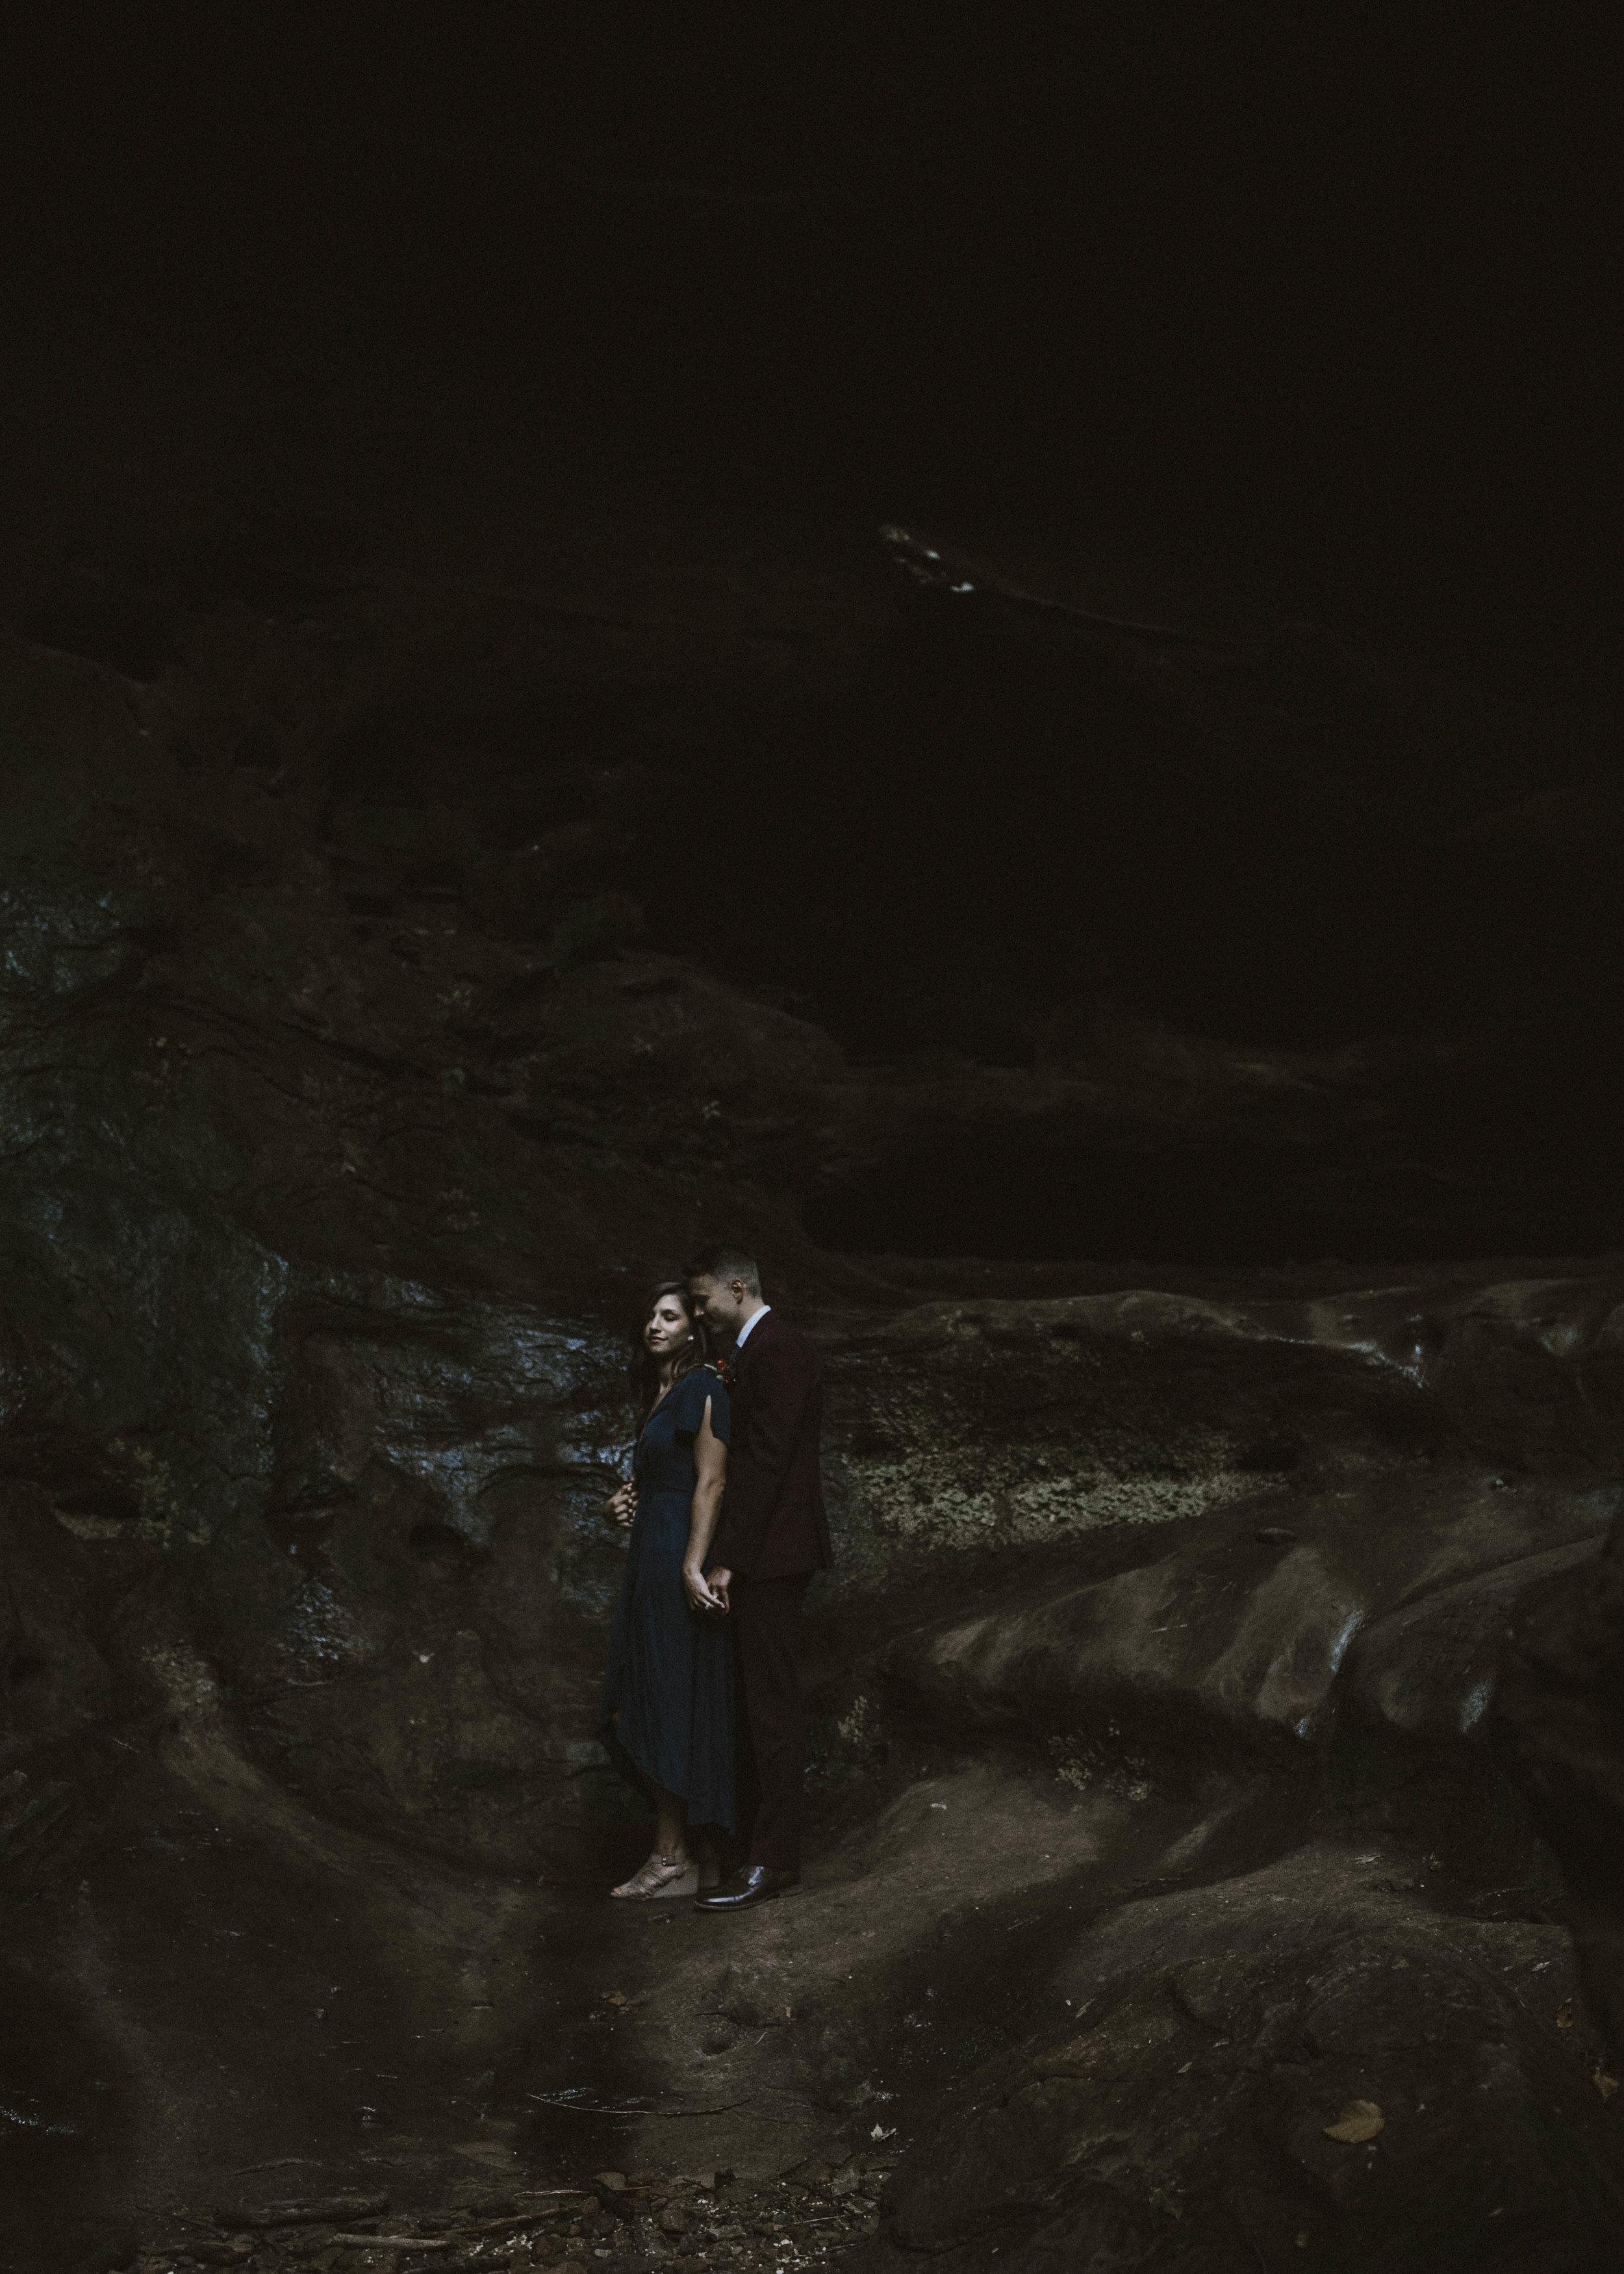 ariel-lynn-adventurous-film-elopement-inspo-44.jpg